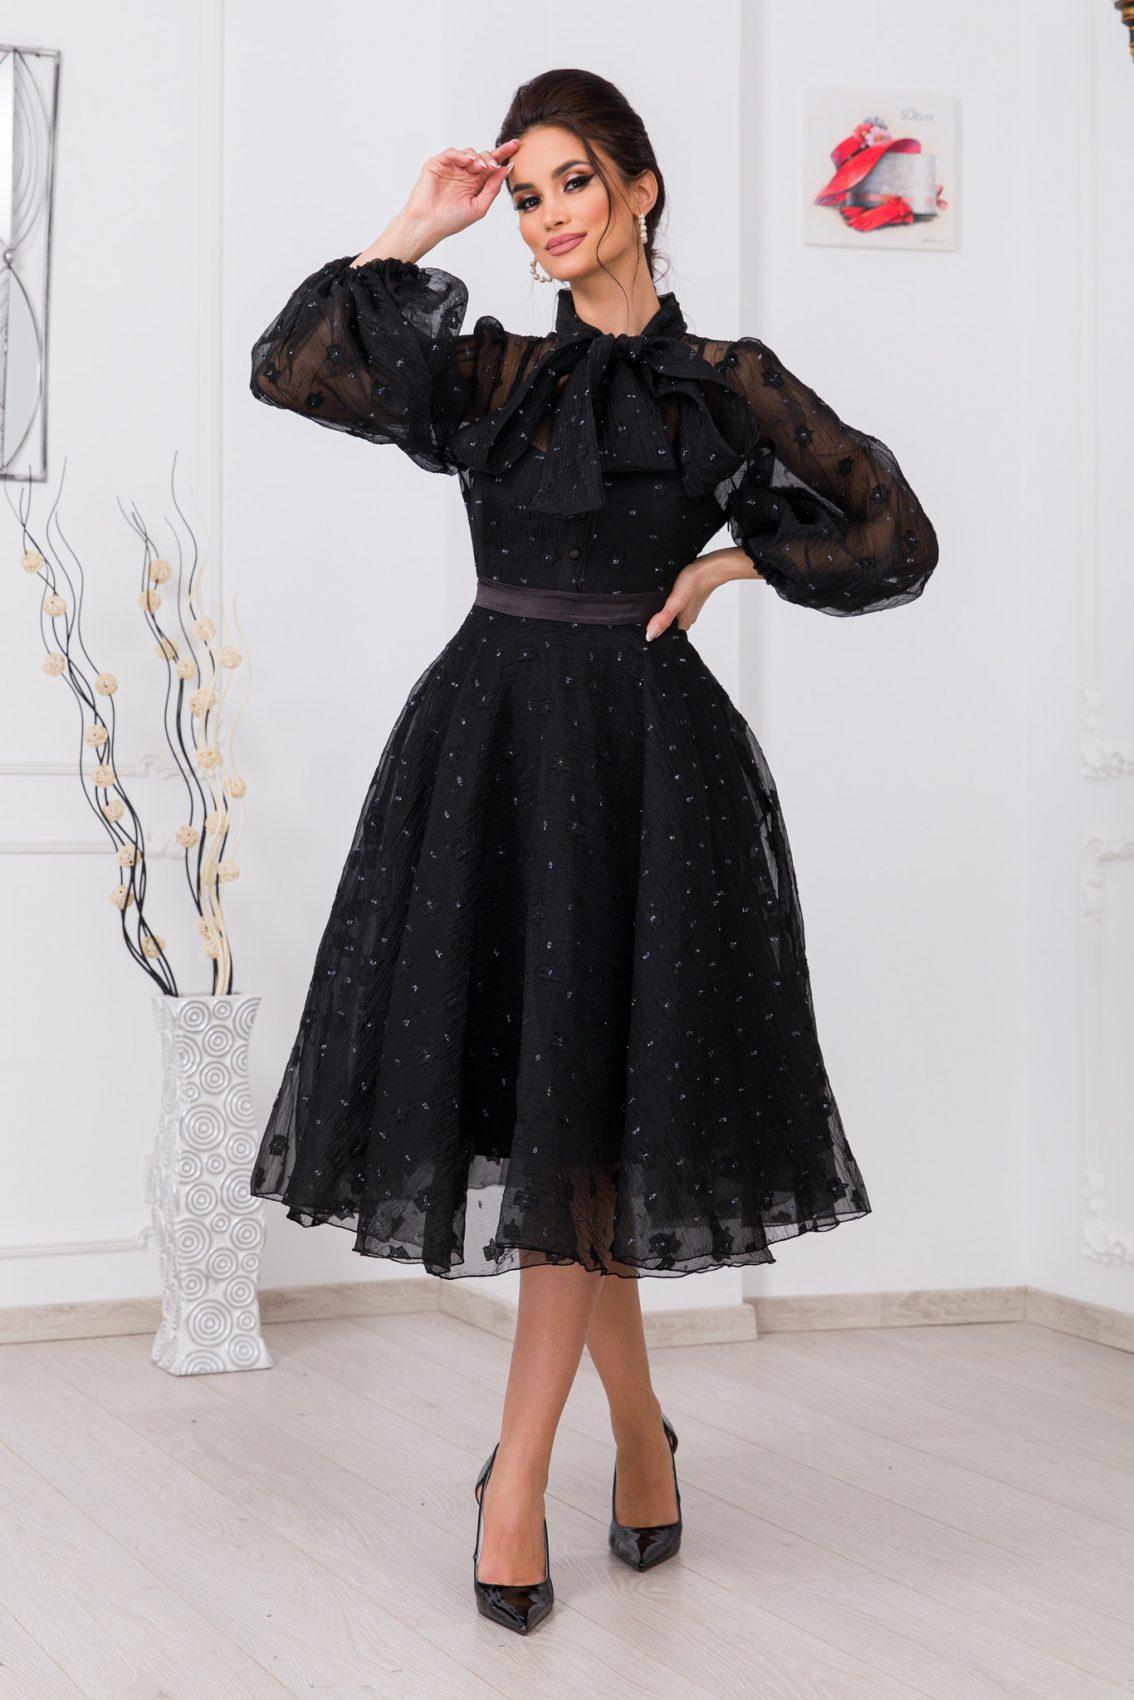 Μαύρο Φόρεμα Με Φουσκωτά Μανίκια Charming 9741 1